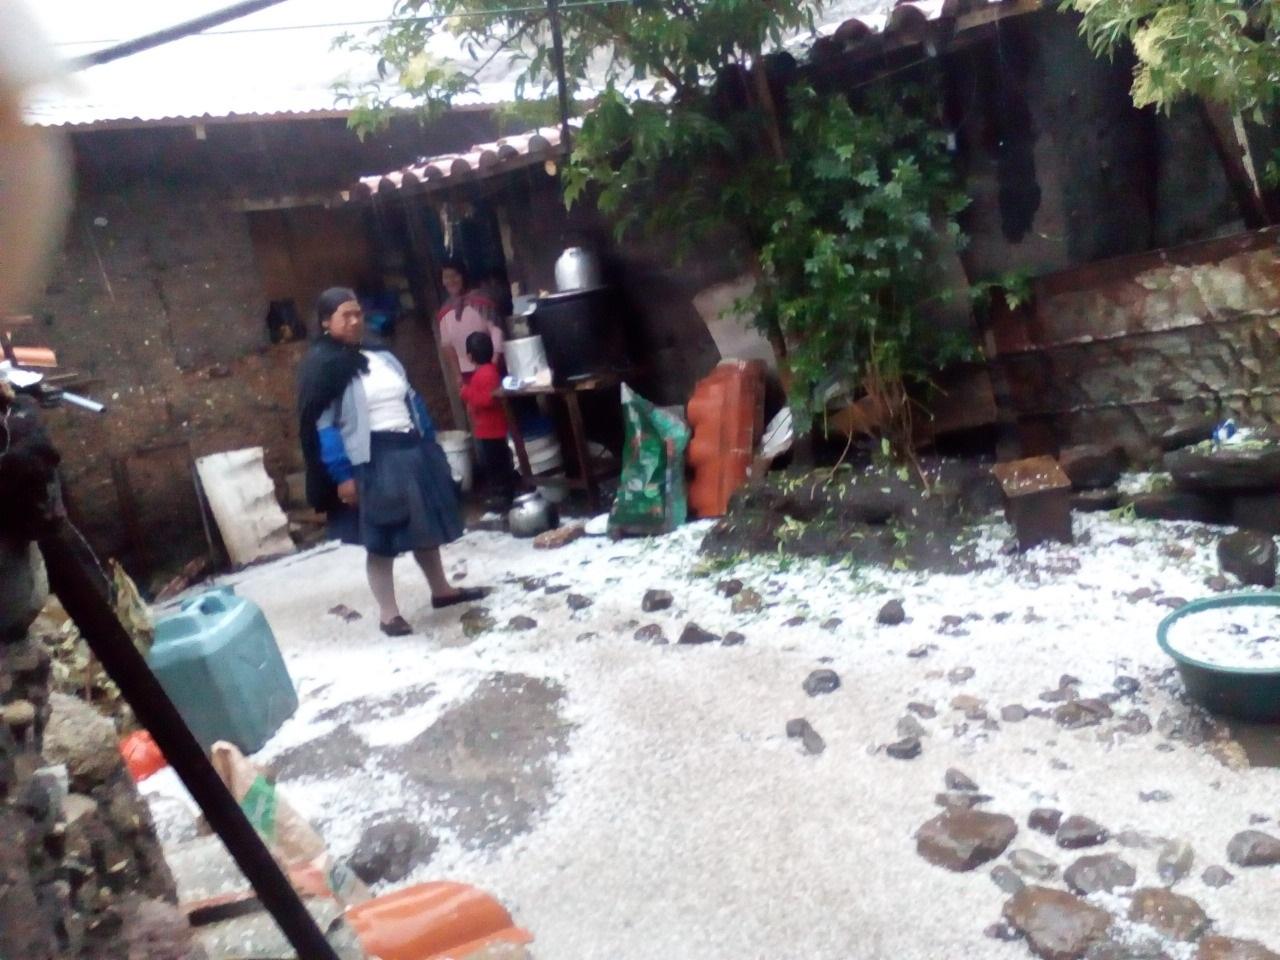 MUNICIPALIDAD DE HUANCAVELICA APOYA A FAMILIAS QUE PERDIERON VIVIENDA POR INUNDACIÓN A CAUSA DE FUERTES GRANIZADAS